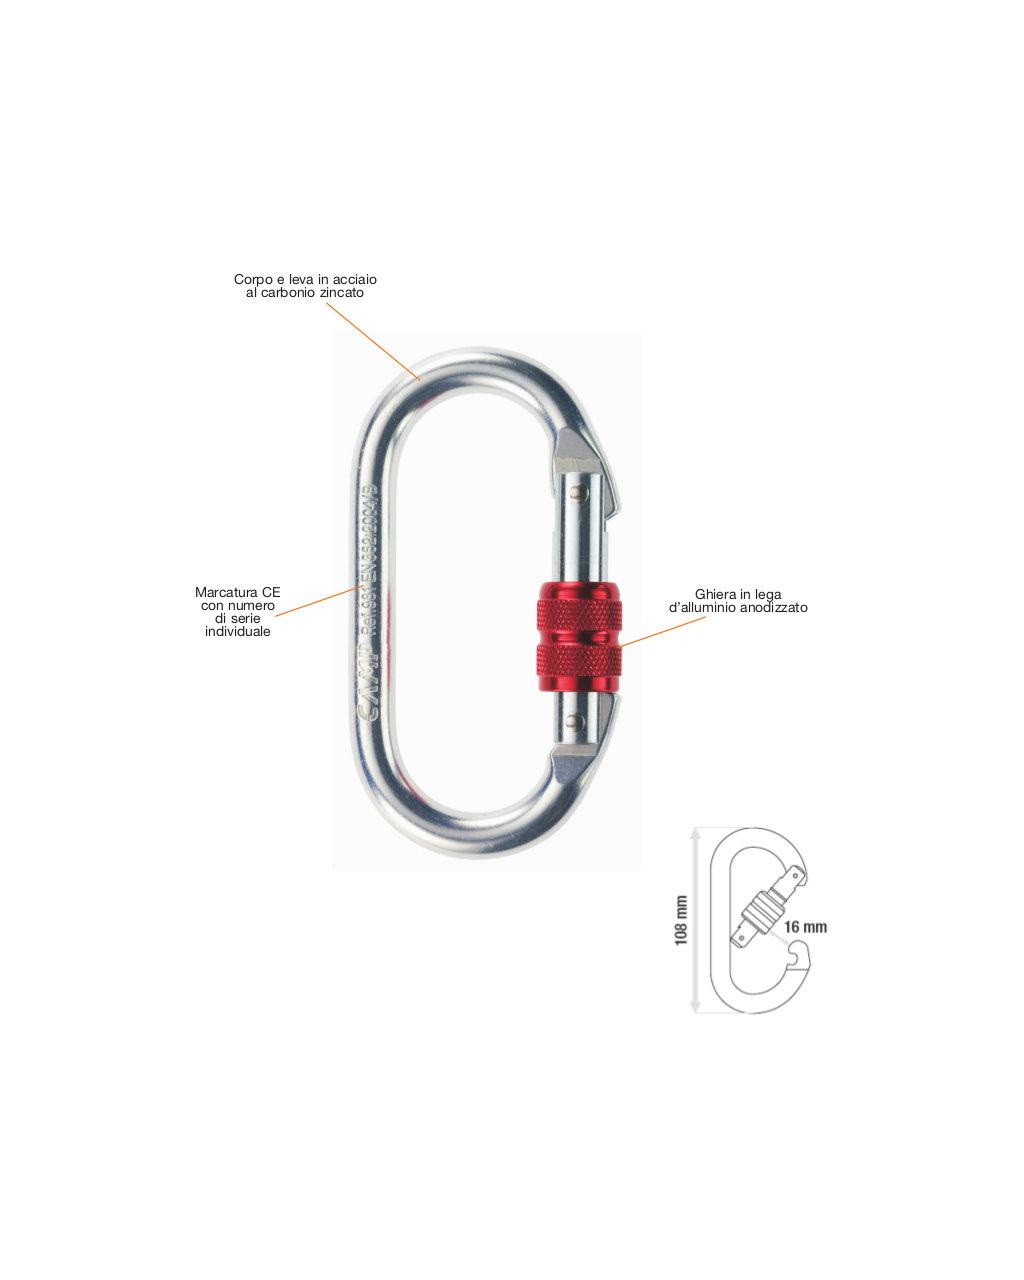 Connettore moschettone ovale camp 0981